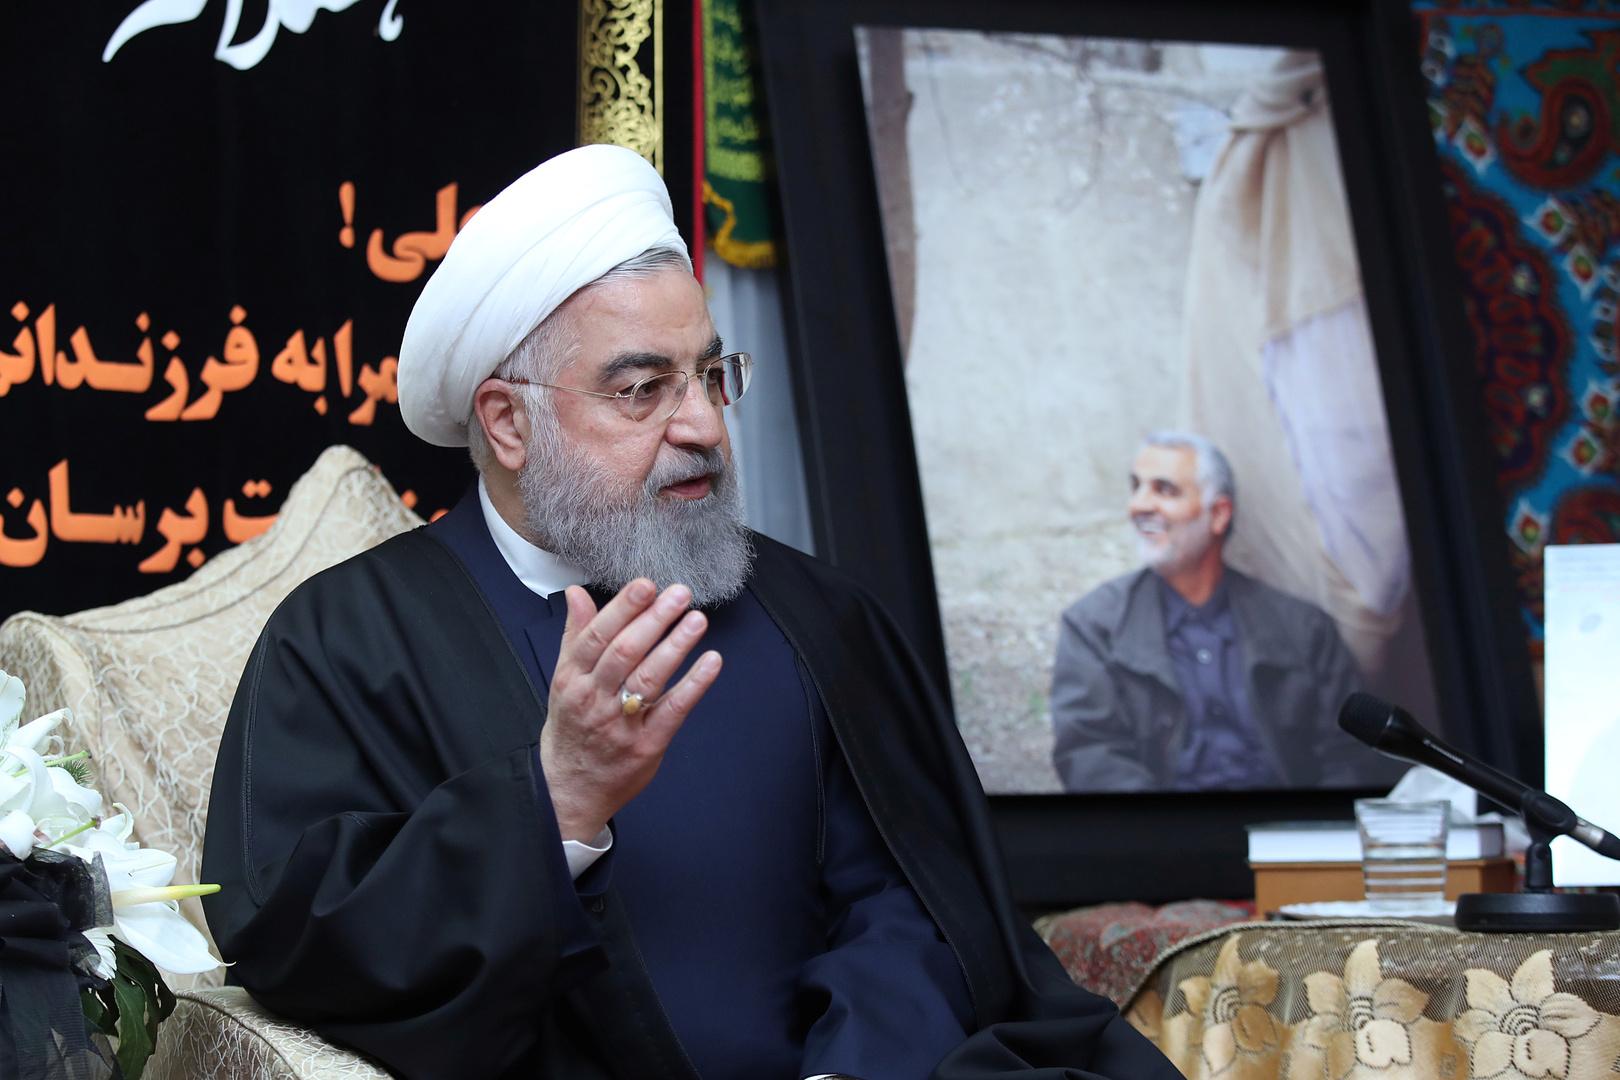 روحاني: لقد قطعت الولايات المتحدة يد سليماني ونحن سنقطع أرجلها من هذه المنطقة